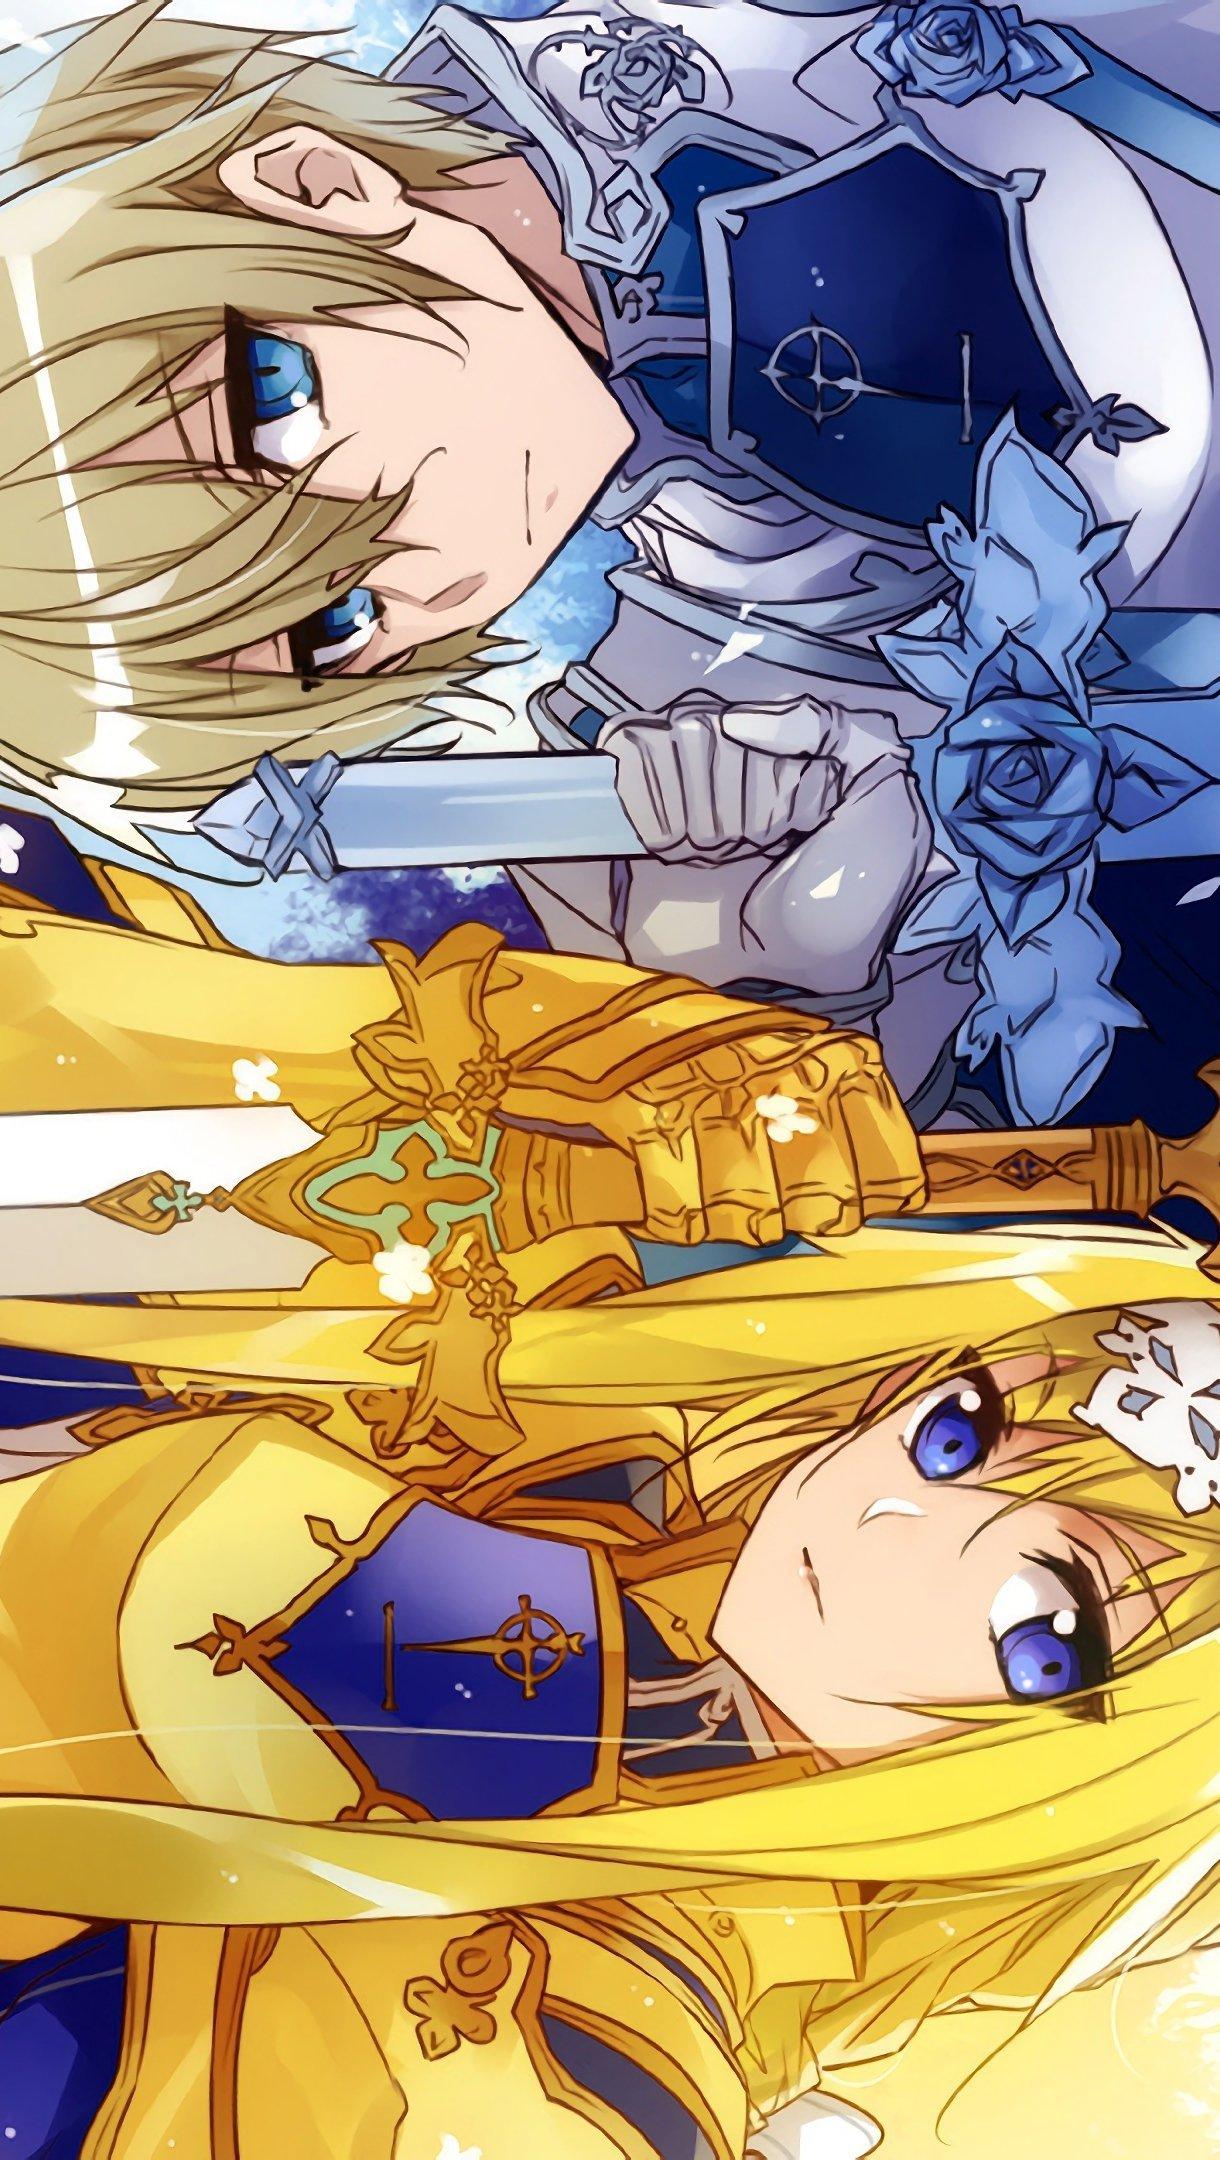 Fondos de pantalla Anime Alice y Eugeo Sao de Alicization Vertical